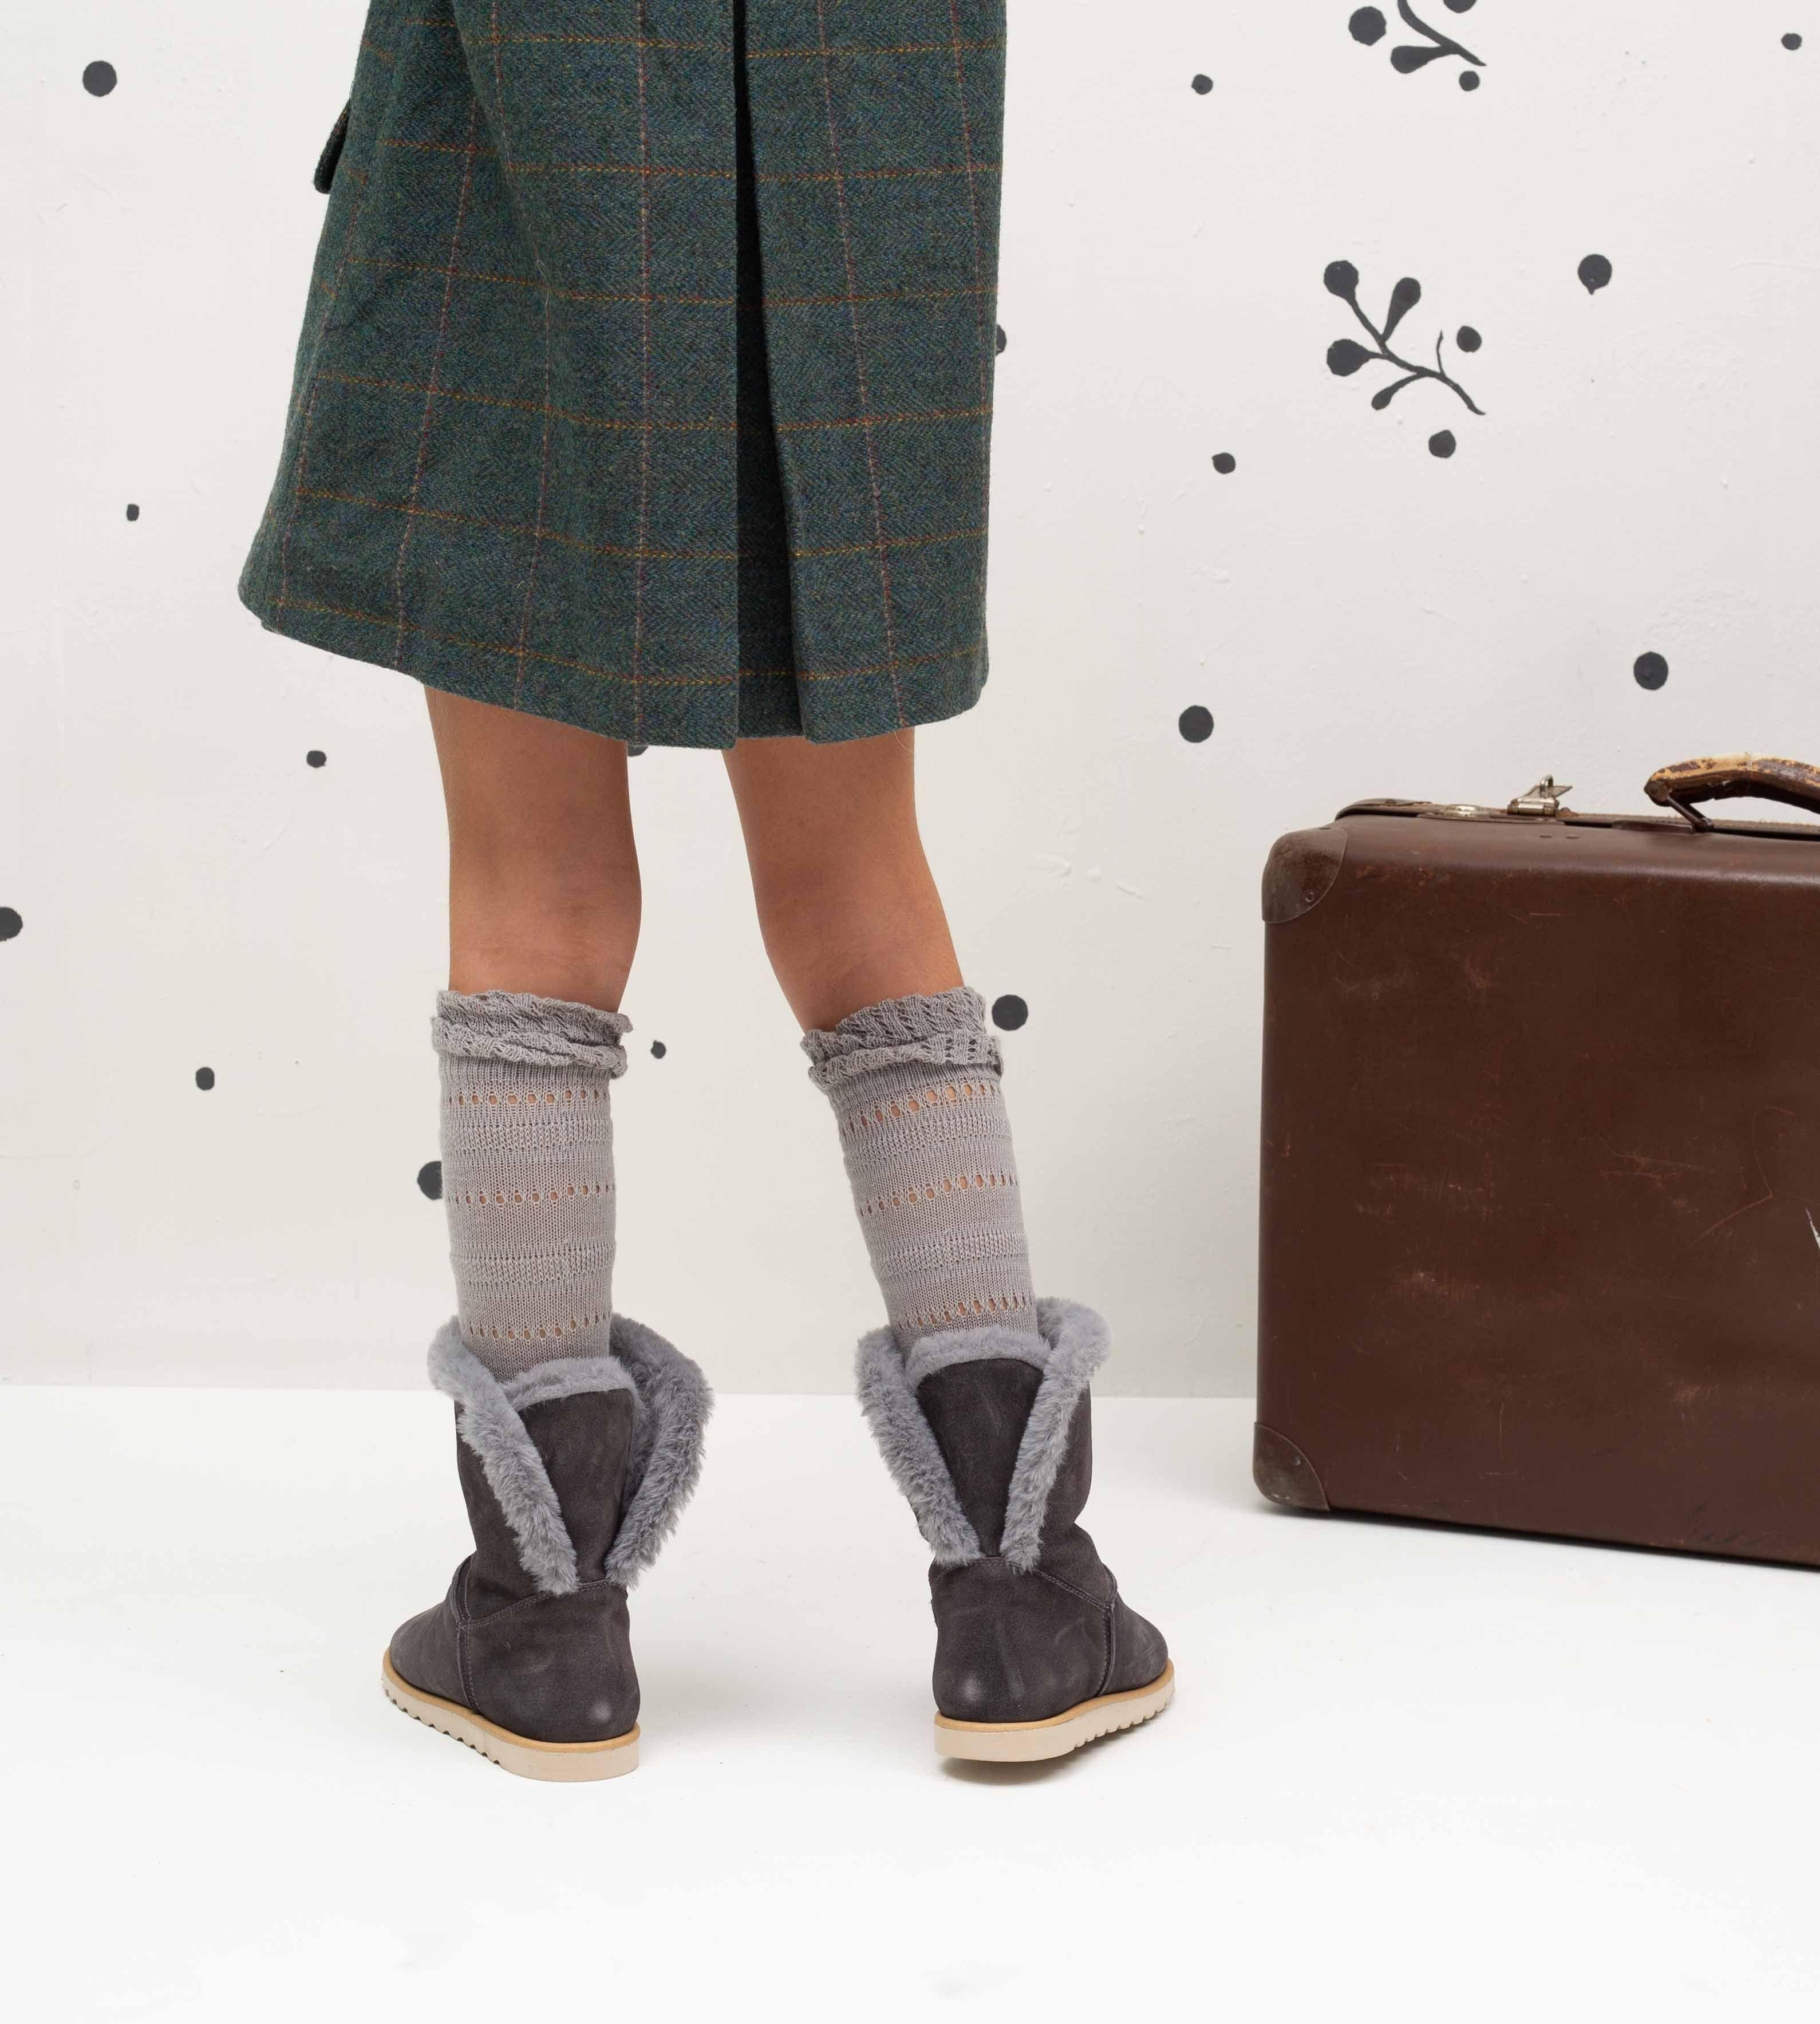 e52f1b7e8 Botas Australiana Serraje Gris - Ganzitos Descubre las botas y botines para  niñas de Ganzitos.